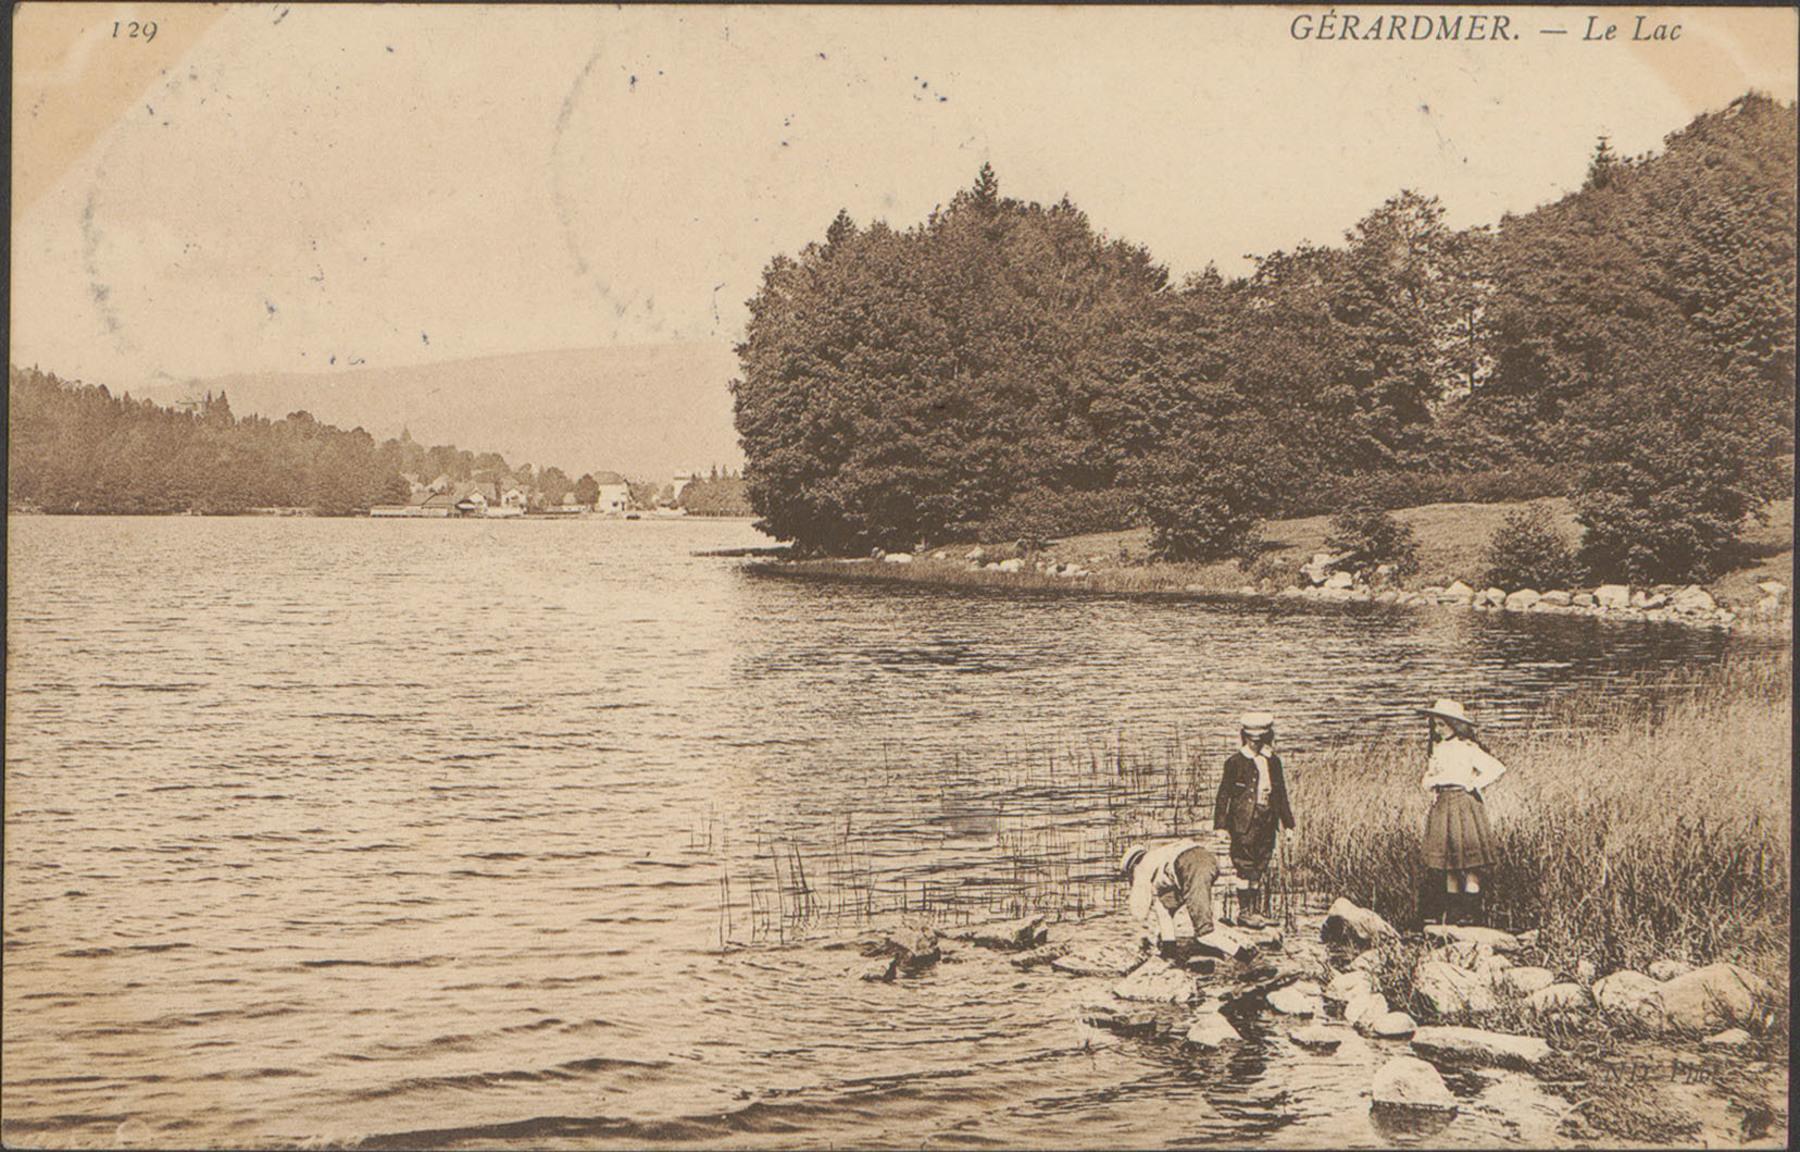 Contenu du Gérardmer, Le Lac